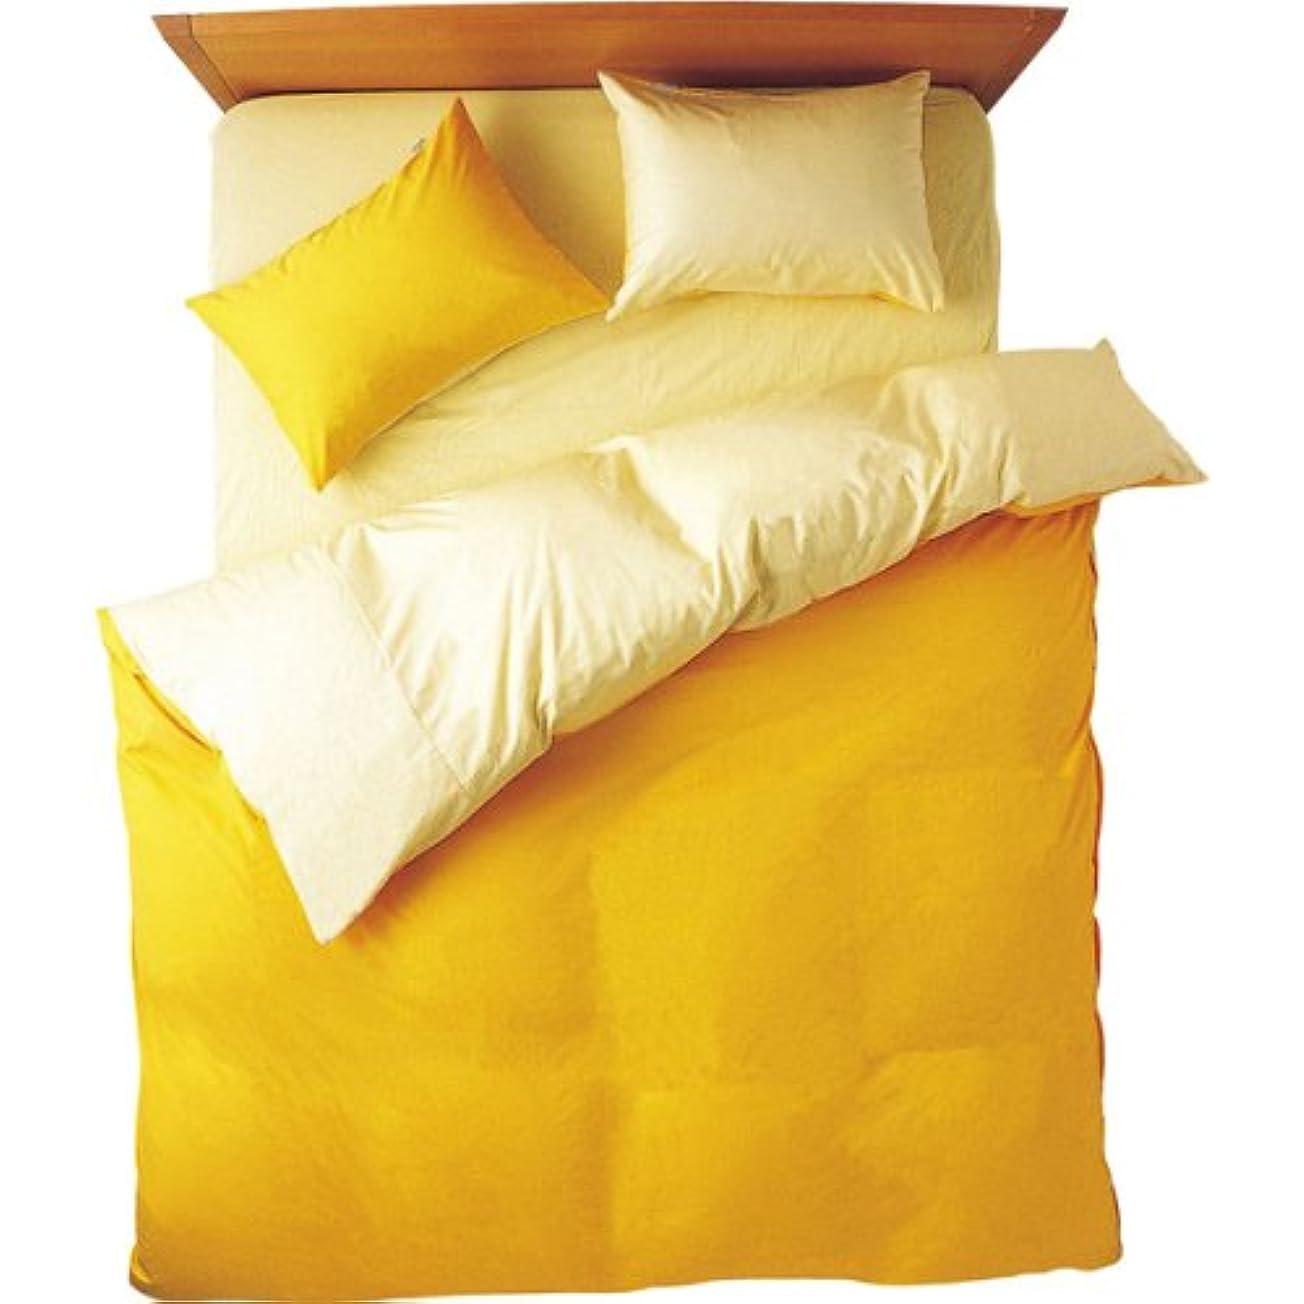 昼間やむを得ないかんたんメリーナイト FROM ベッド用 カバー4点セット クイーン 日本製 イエロー